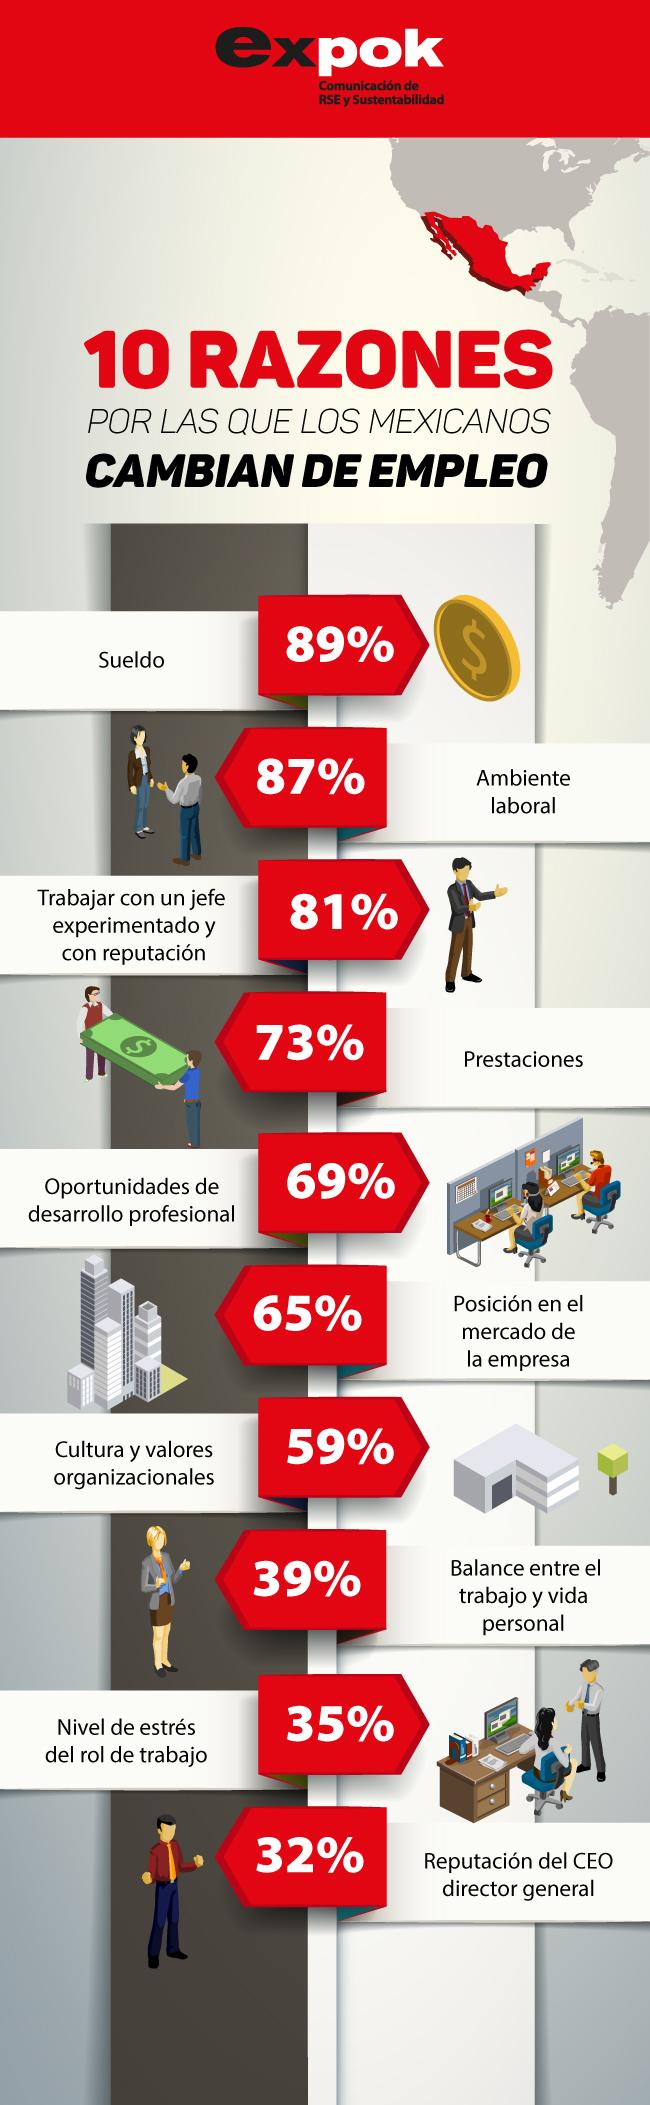 10 razones por las que los mexicanos abandonan sus trabajos